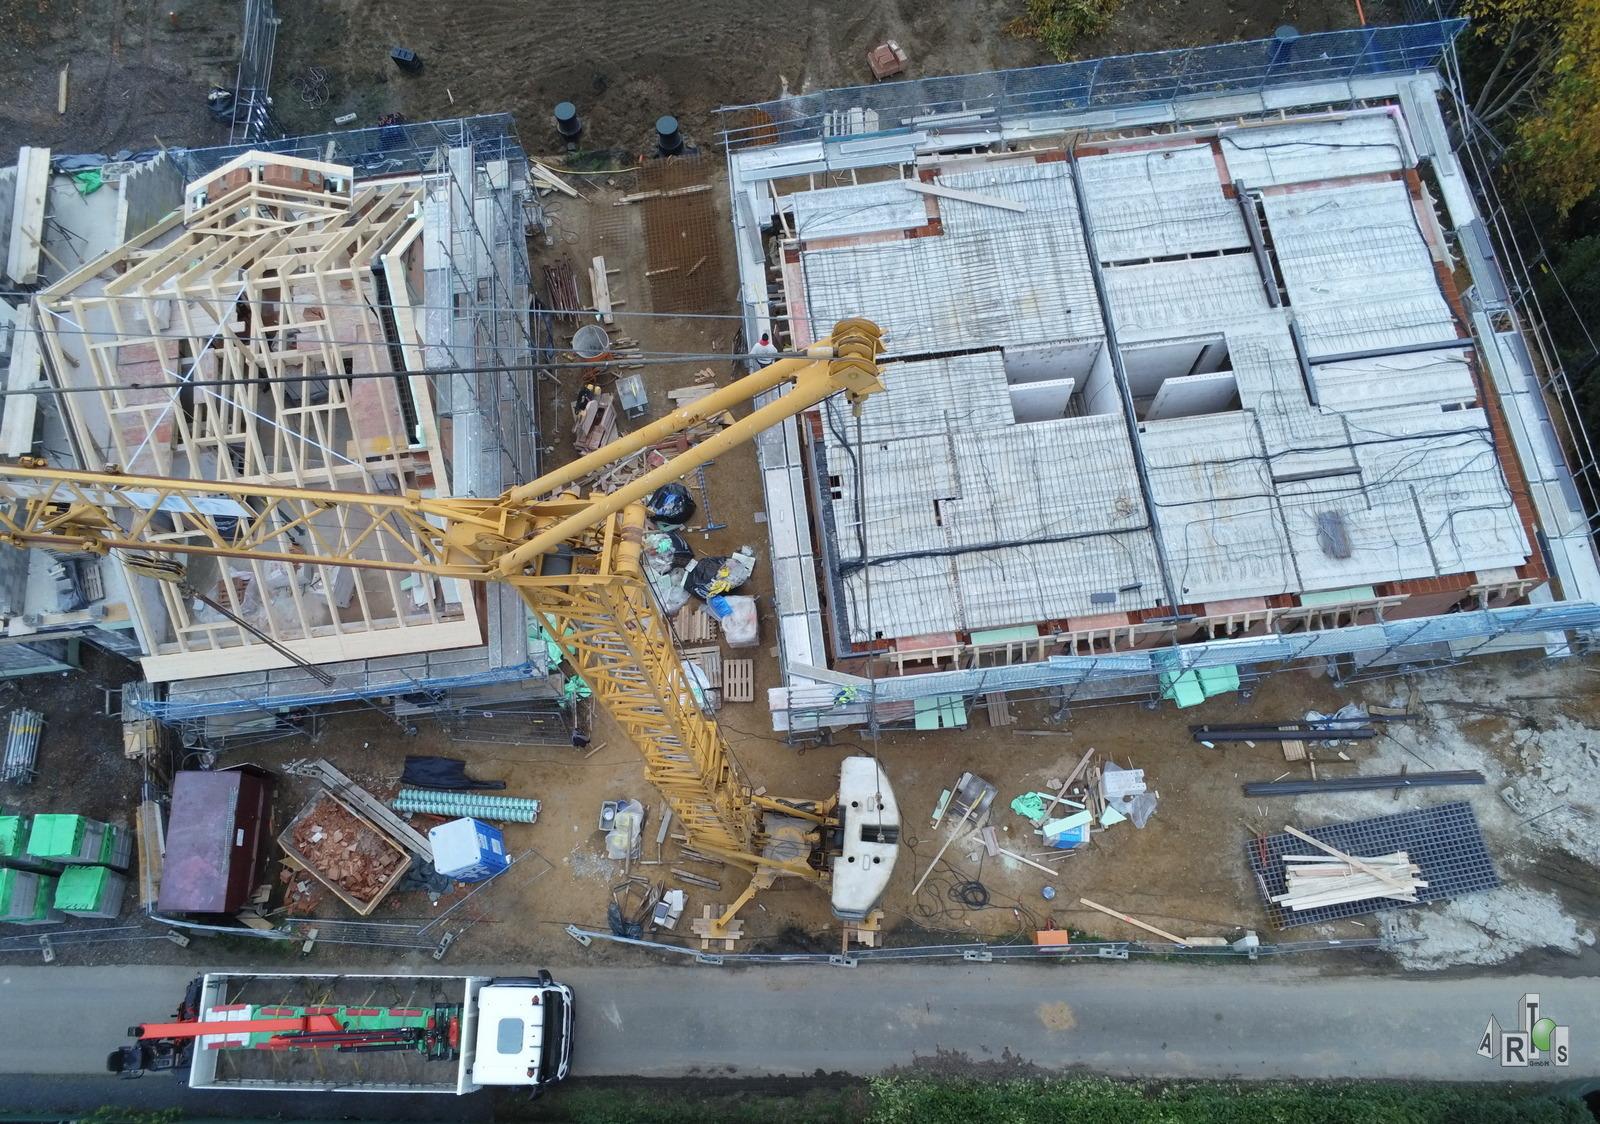 Luftbild der Übersicht unseres Bauvorhabens in Hürth / www.artos-haus.de